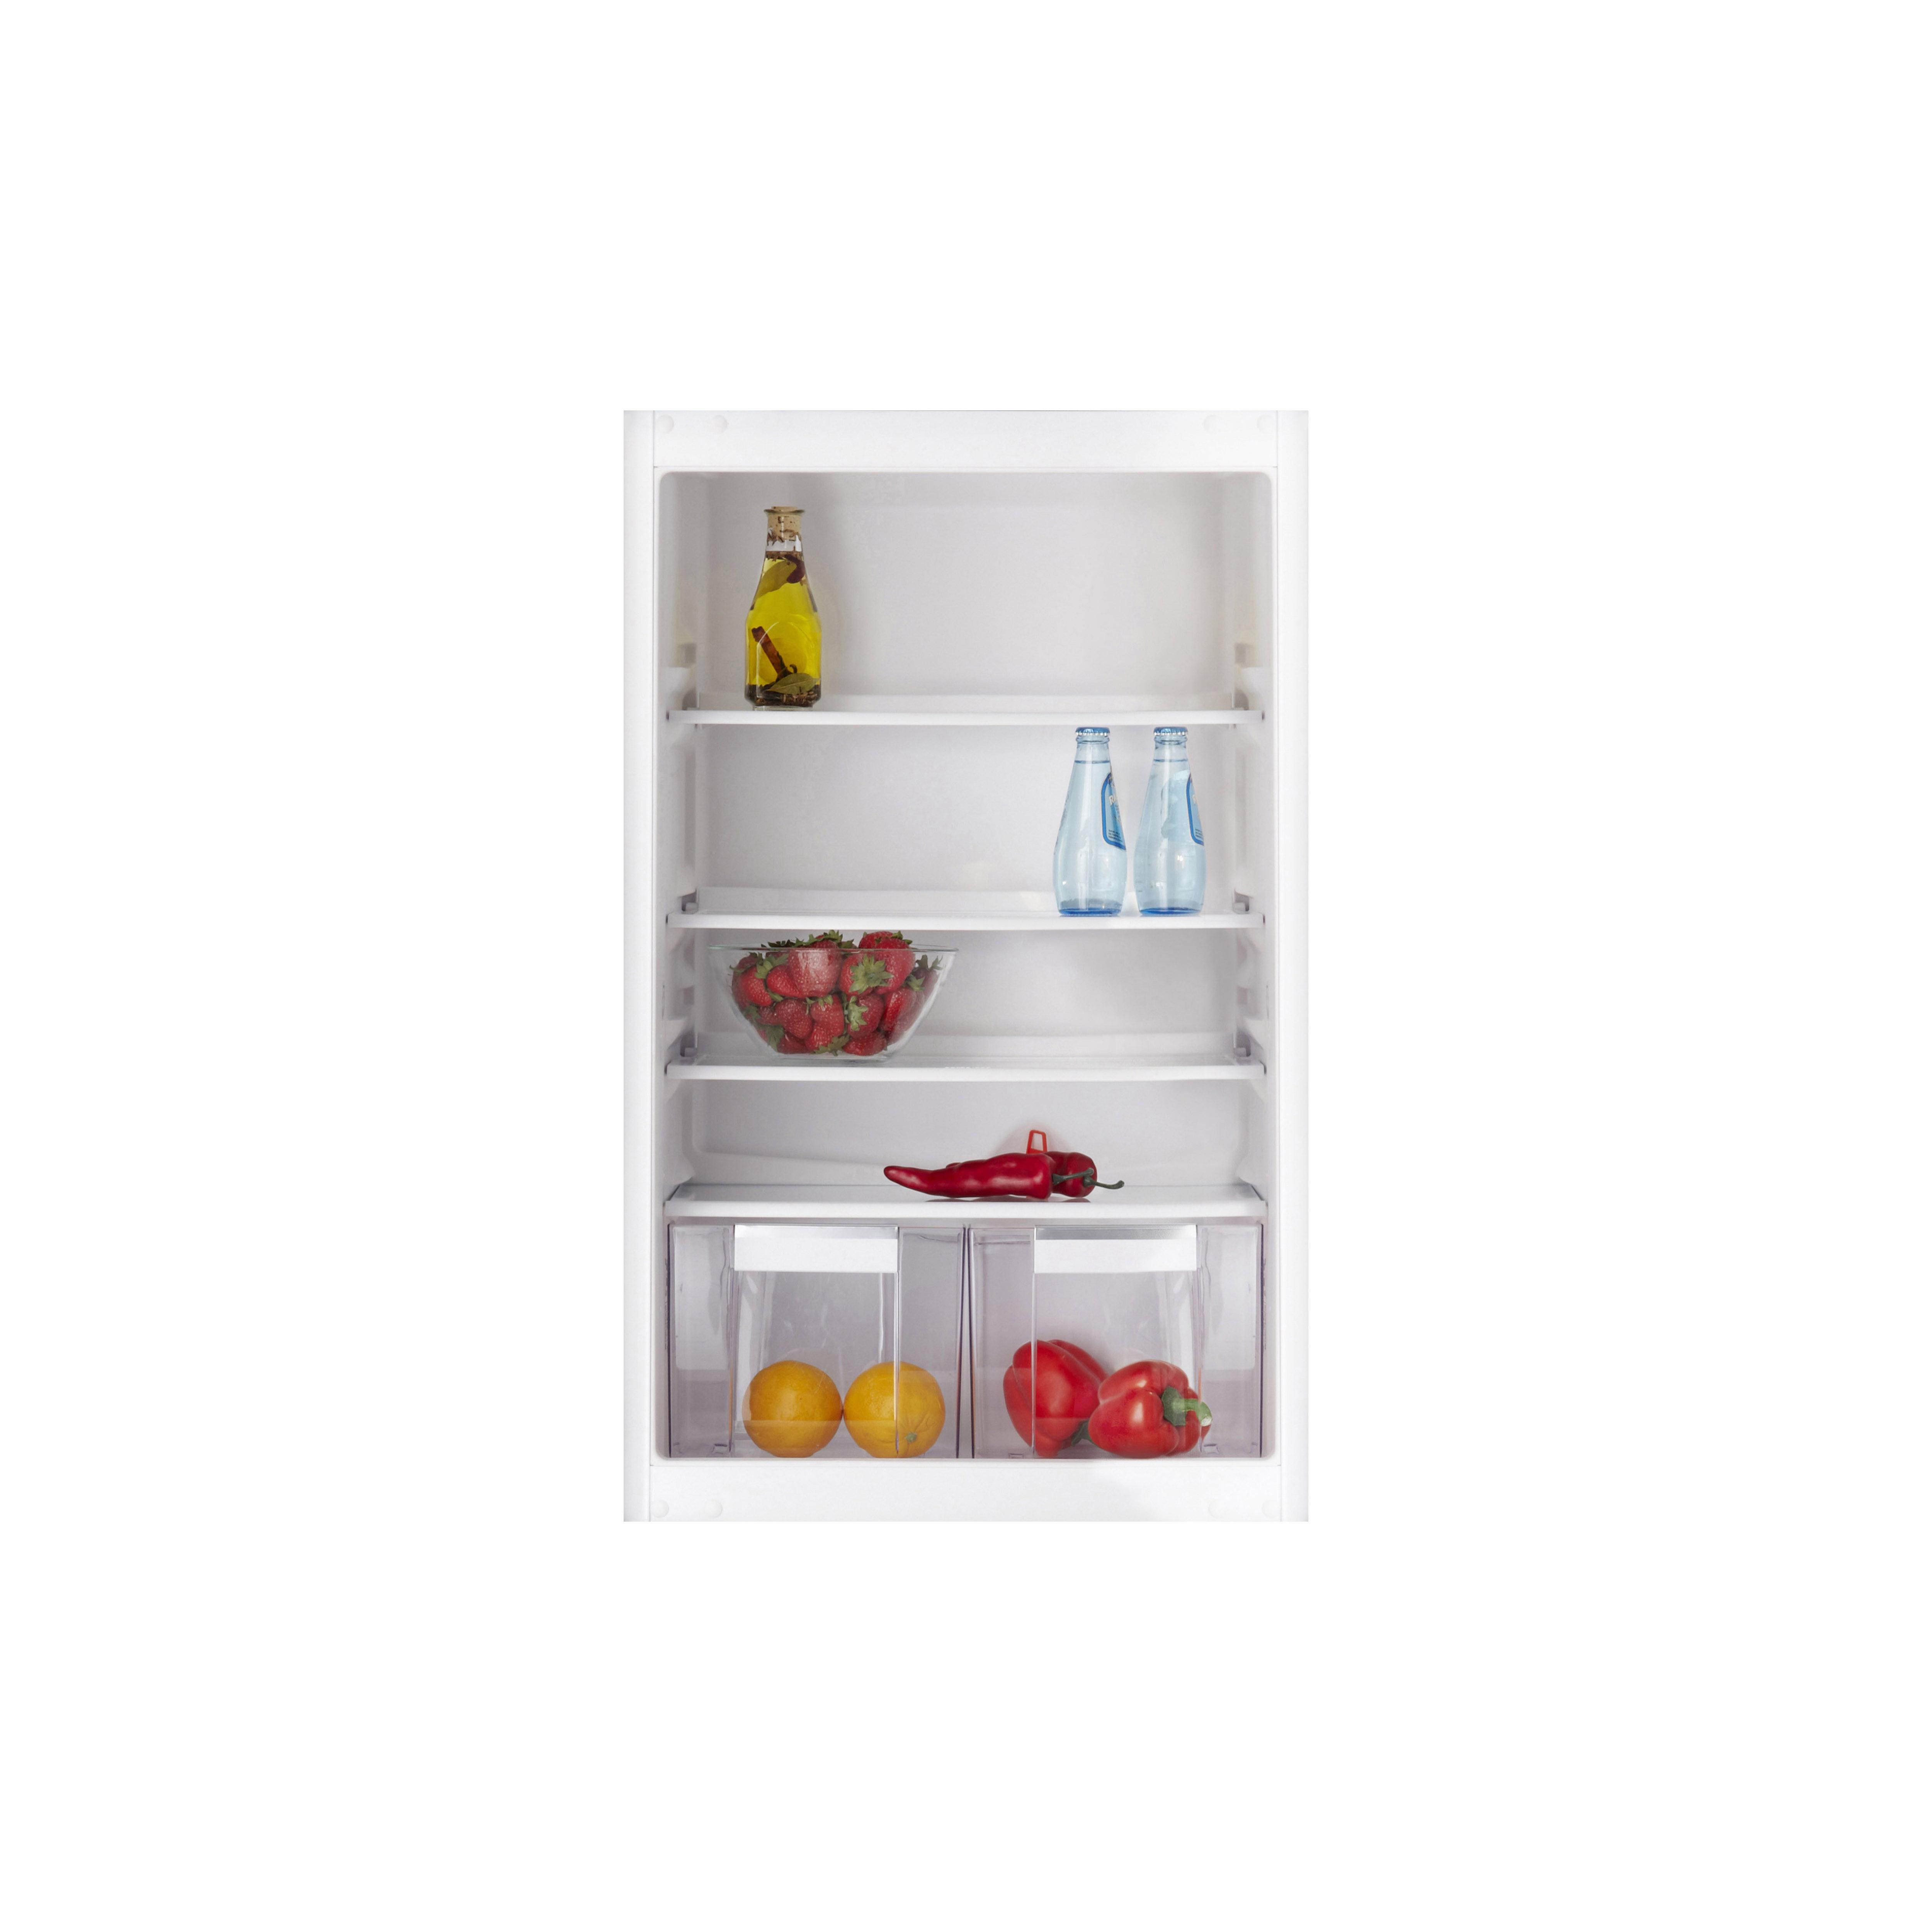 Ikea Keukenplanner : IKEA koelkast valt in de prijzen bij de Consumentenbond – Nieuws